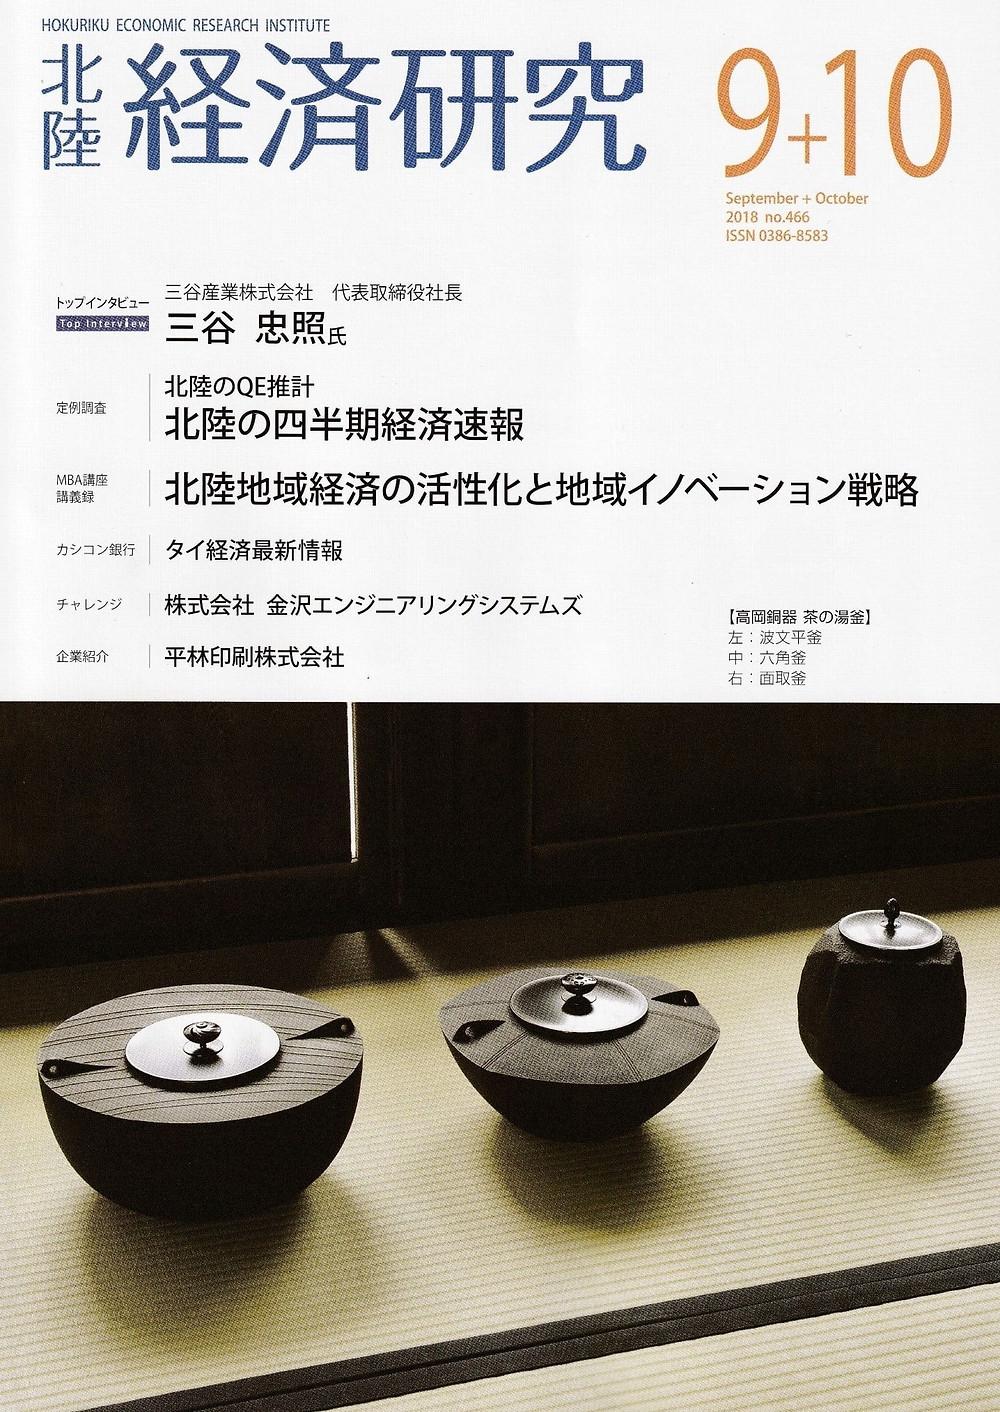 畠春斎(釜師)の作品が「北陸経済研究」の表紙になりました